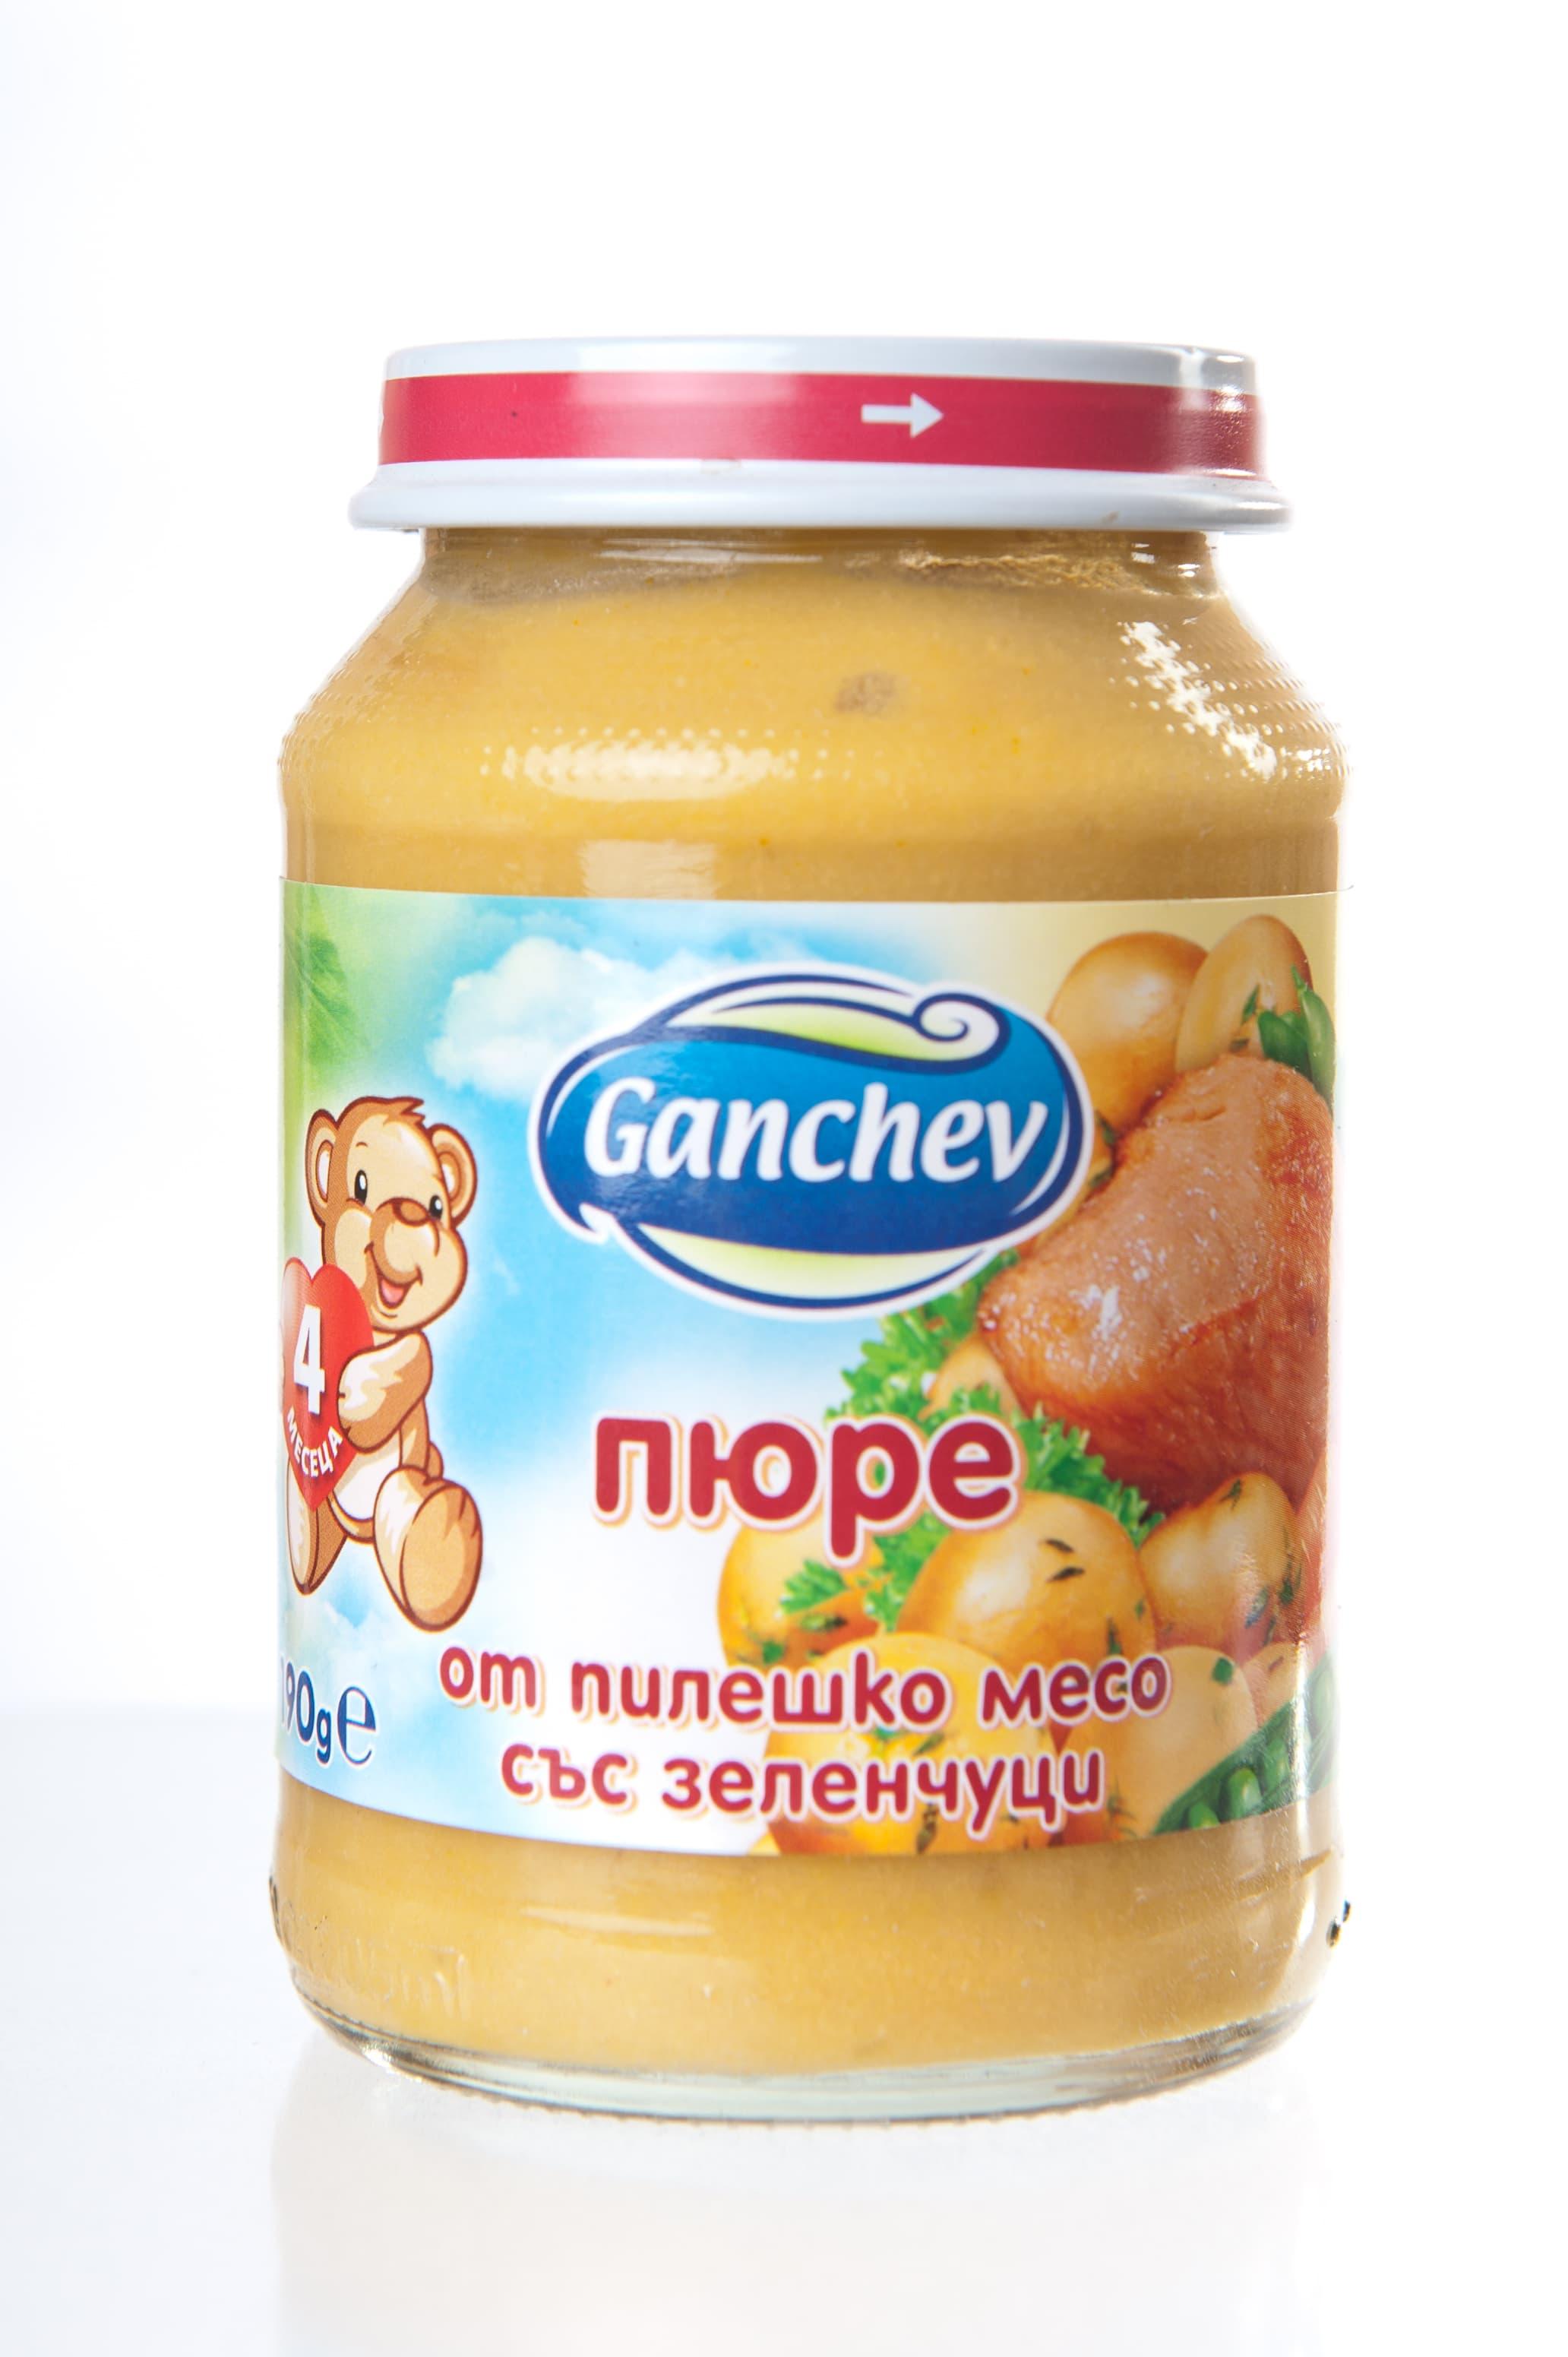 Ganchev-пюре от пилешко месо със зеленчуци 4м+ 190гр